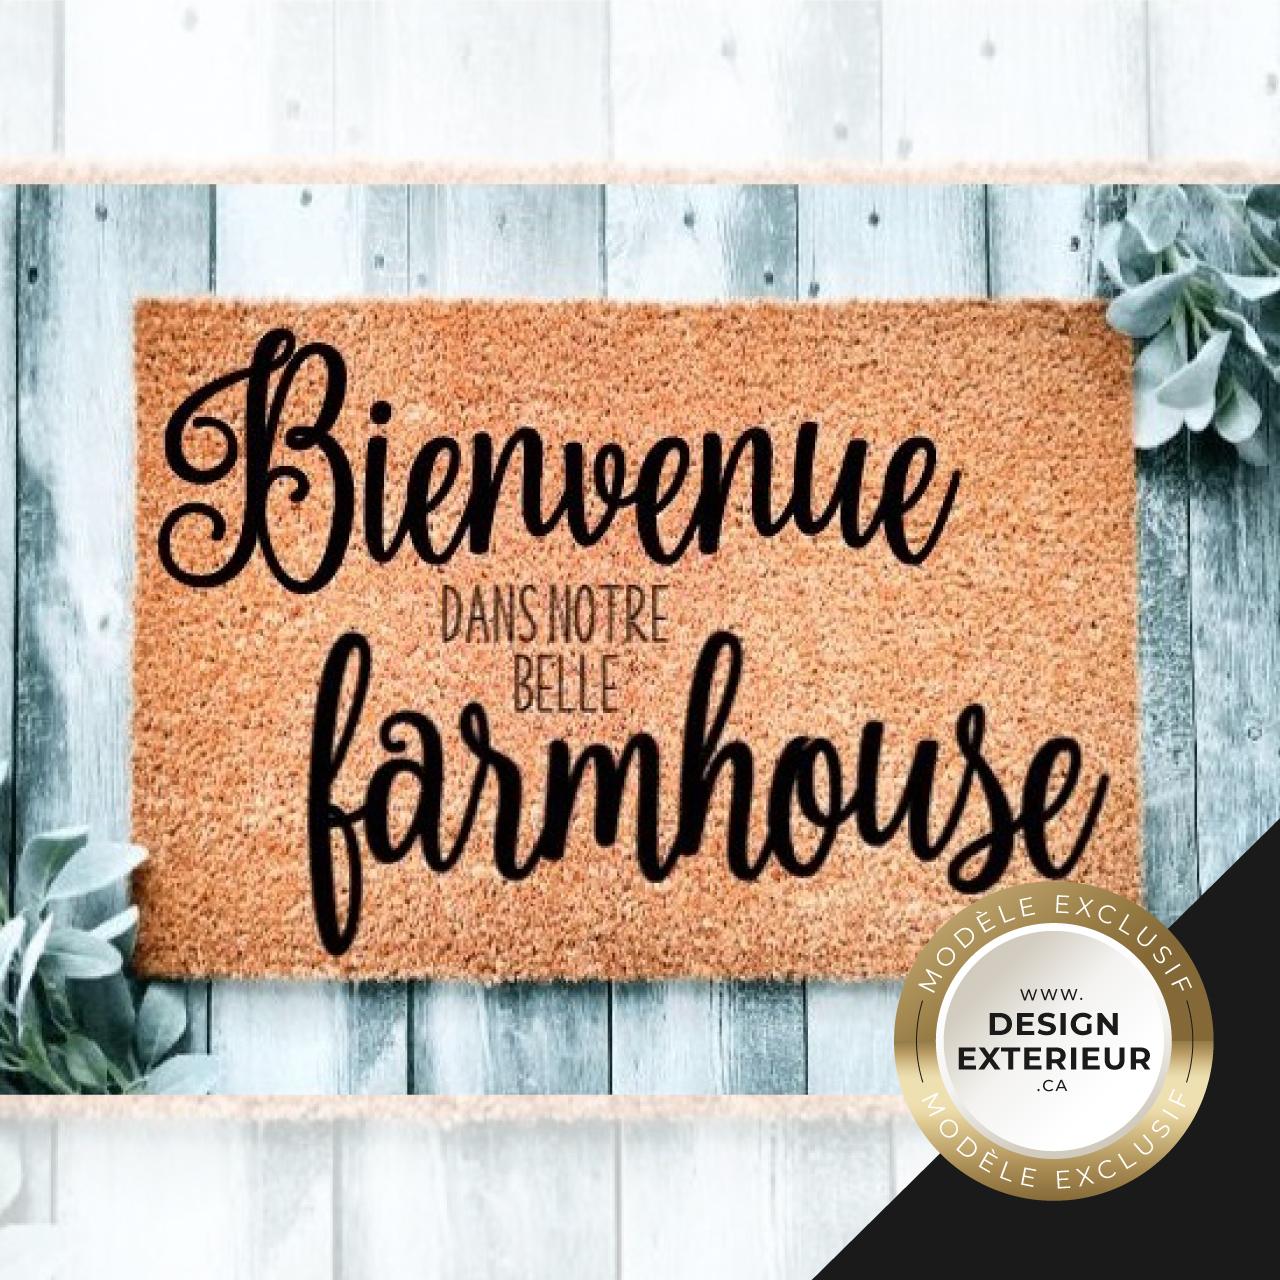 Bienvenue dans notre belle Farmhouse Design exterieur Exclusif